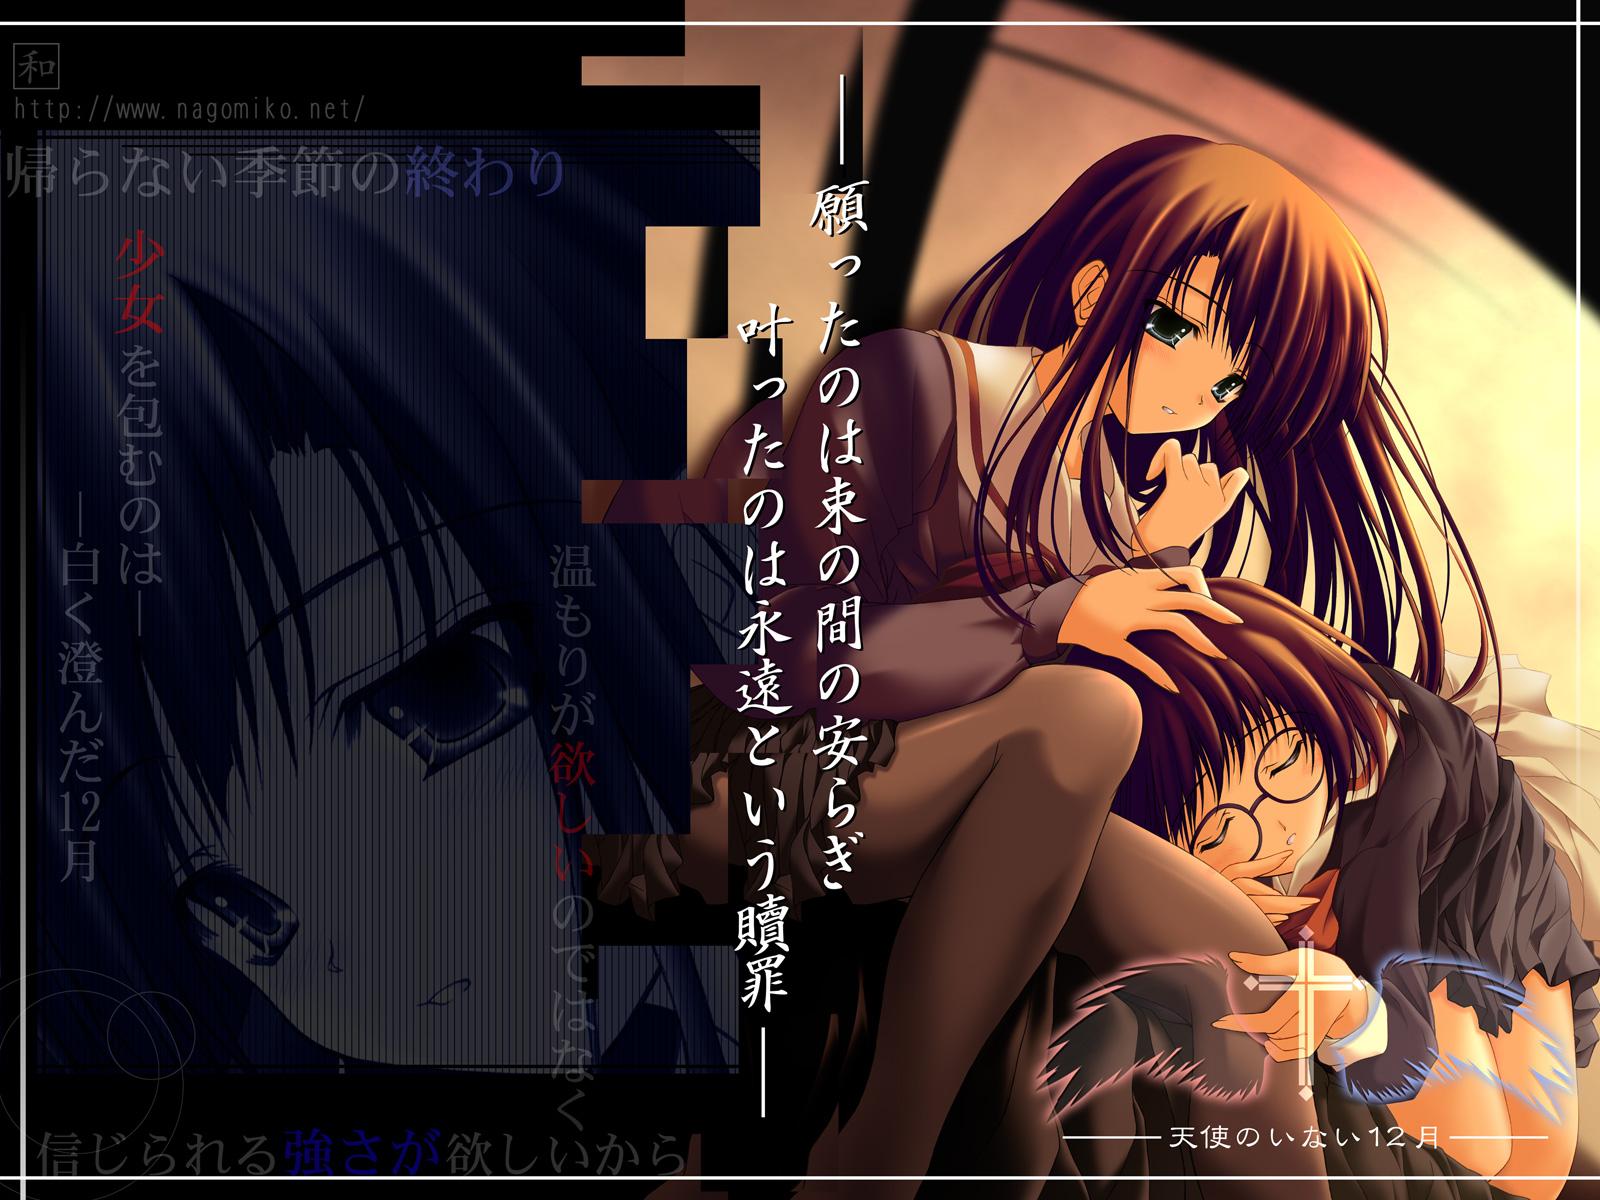 nagomi tenshi_no_inai_12-gatsu